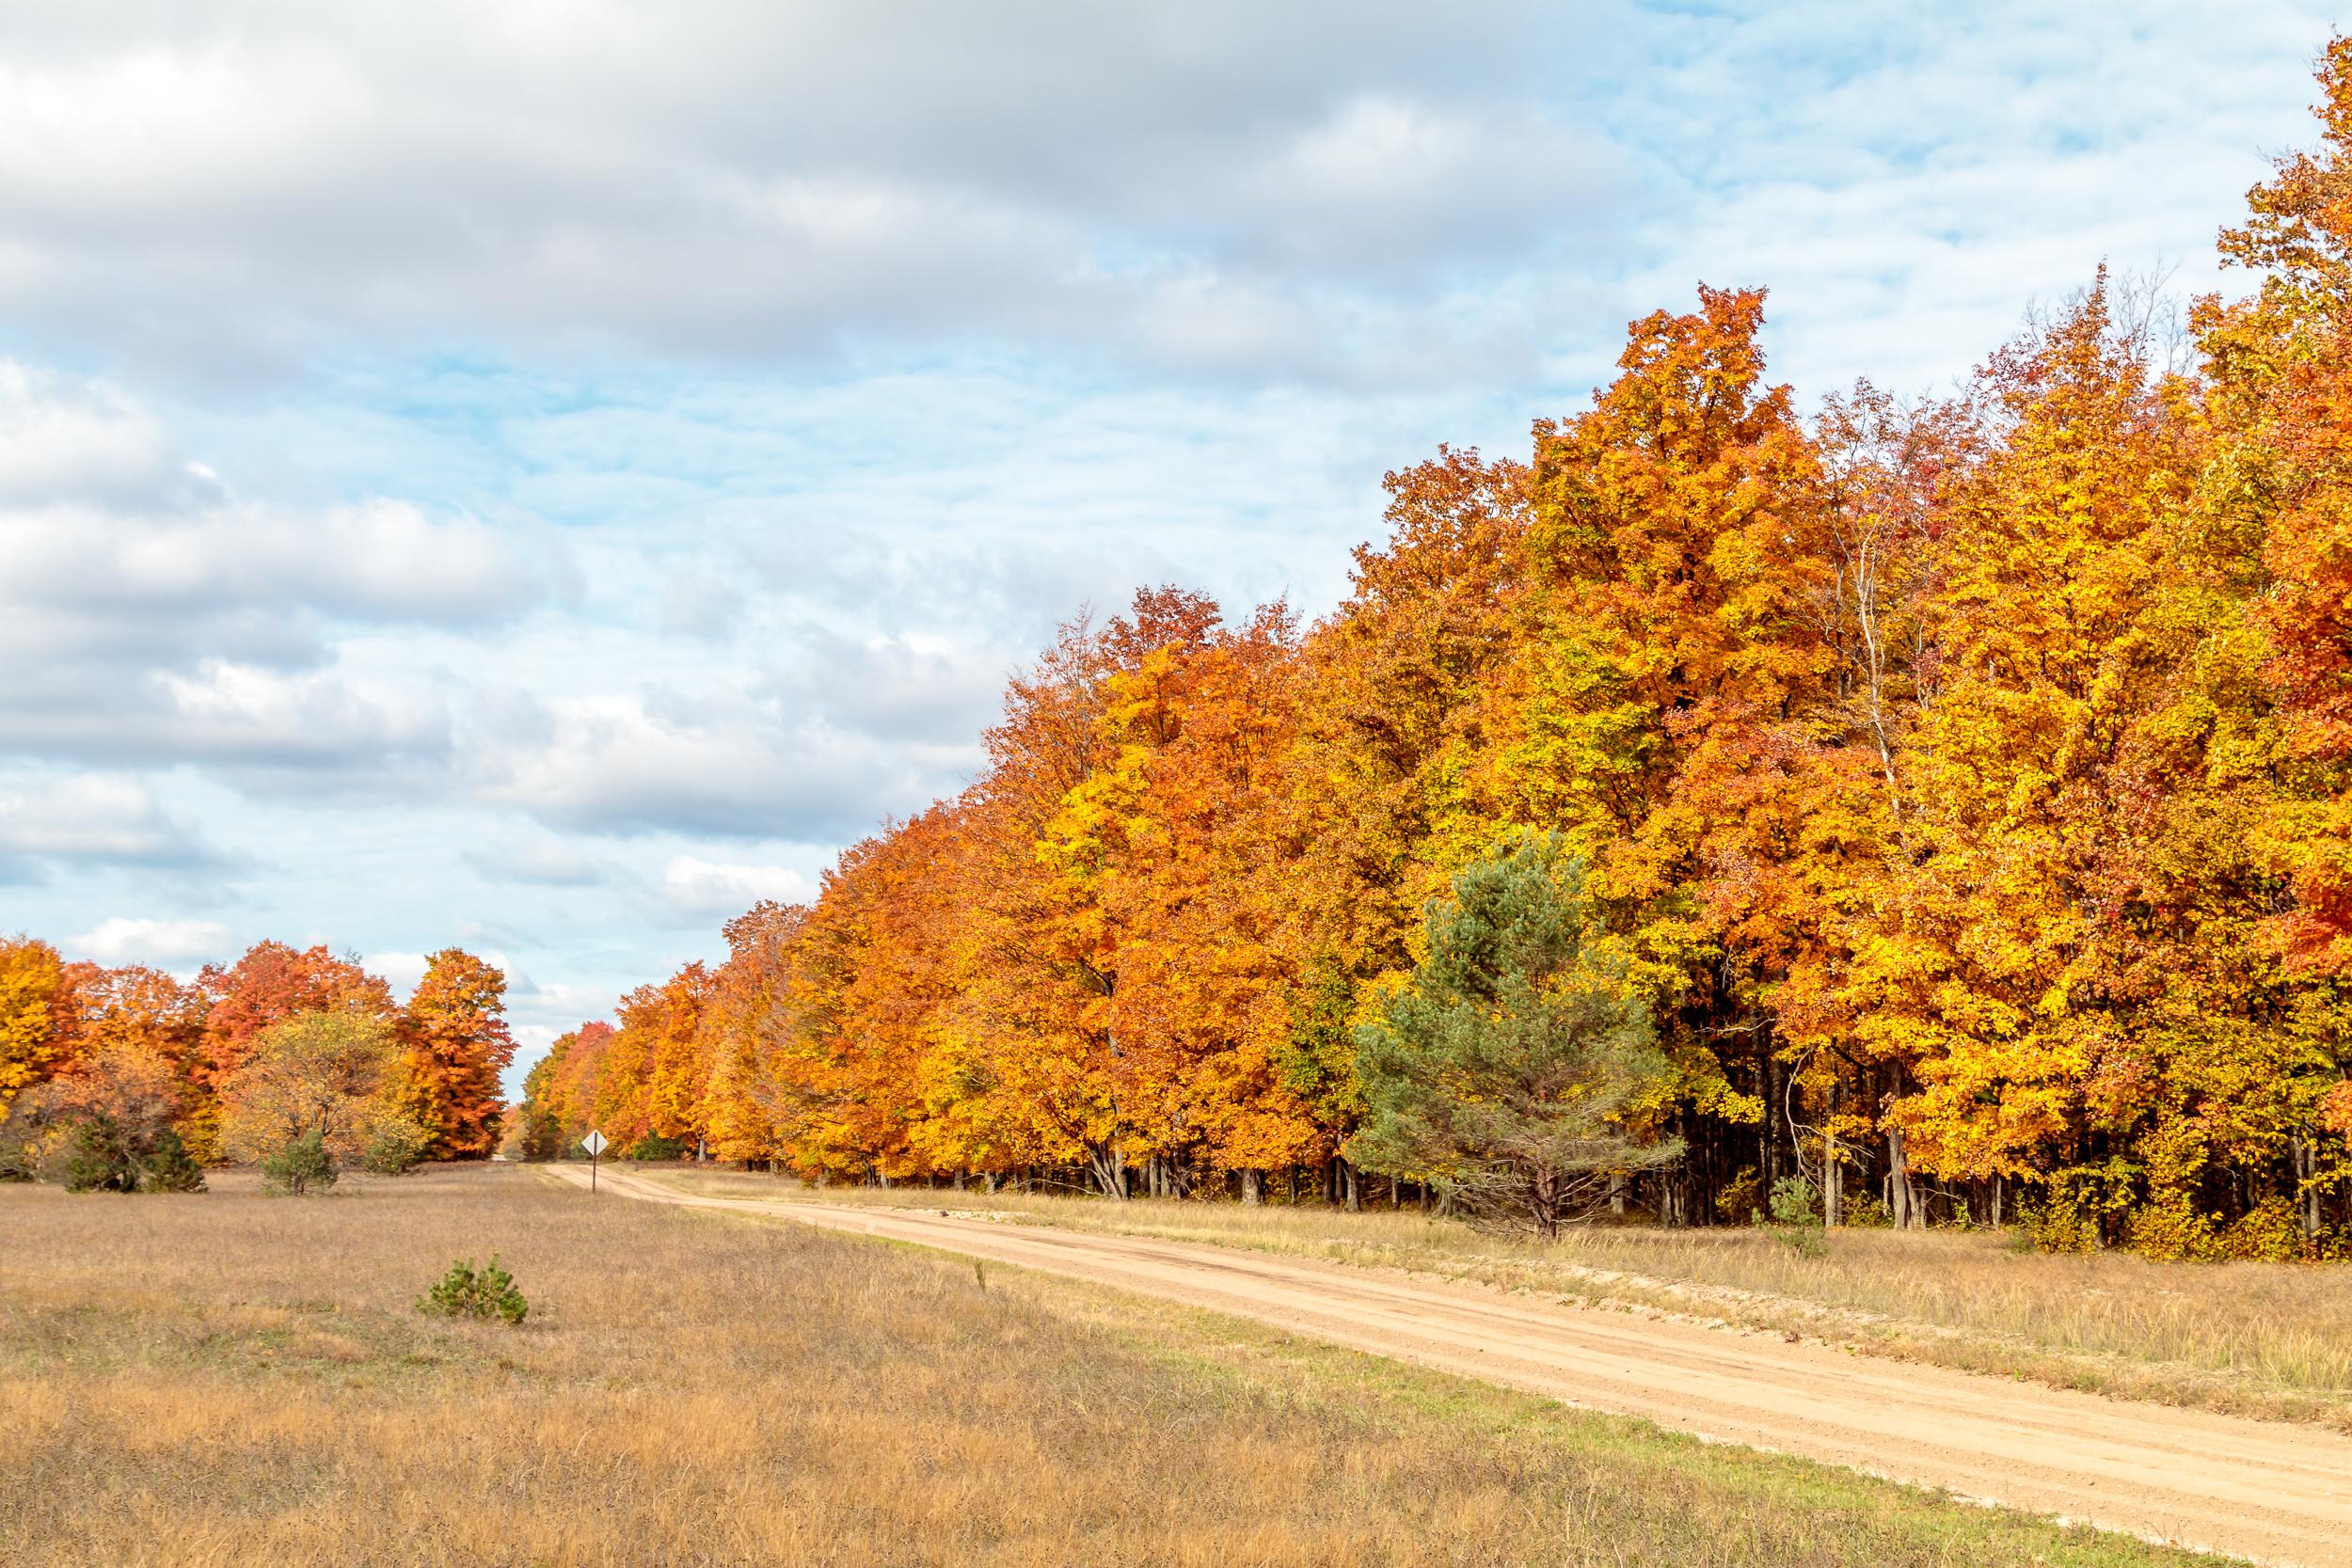 Fall Color along a Dirt Road